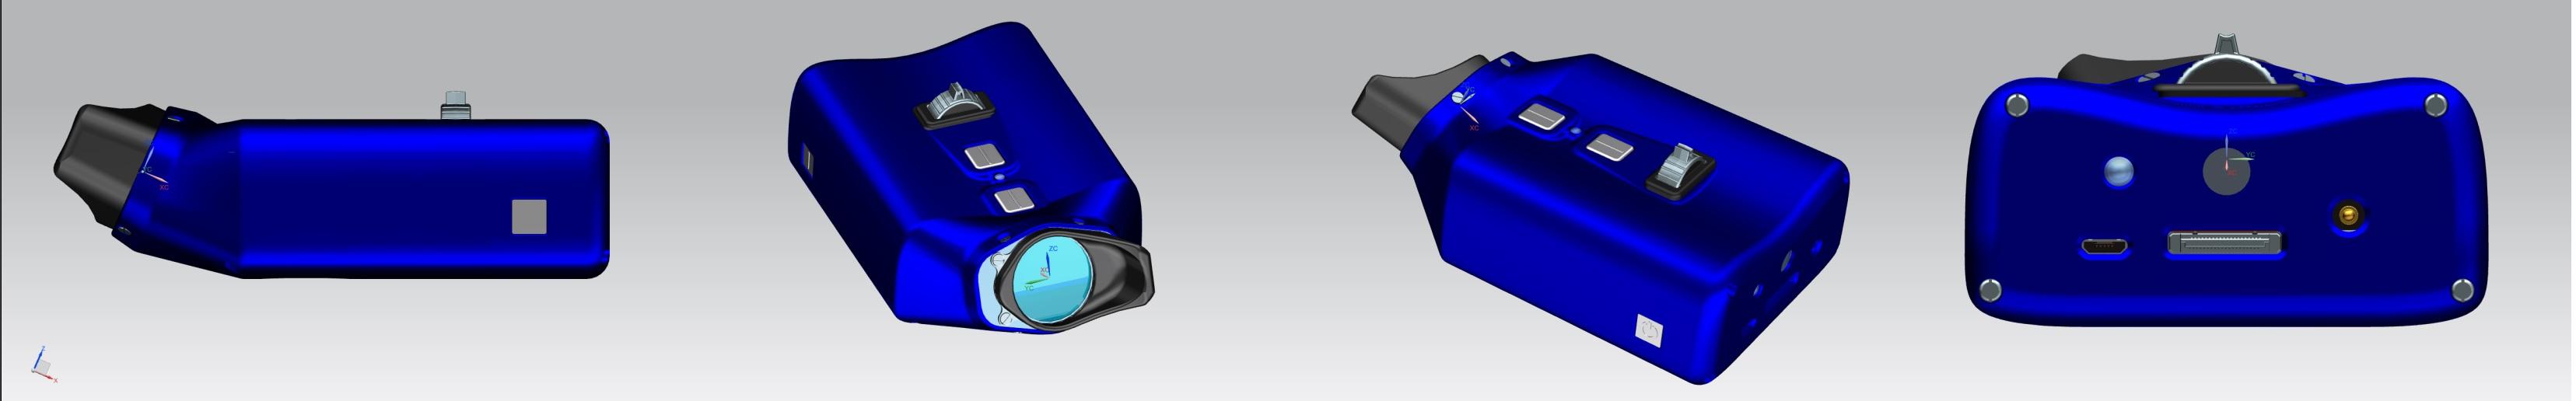 Das VoiSee wird von alle Richtungen in der Farbe blau dargestellt.